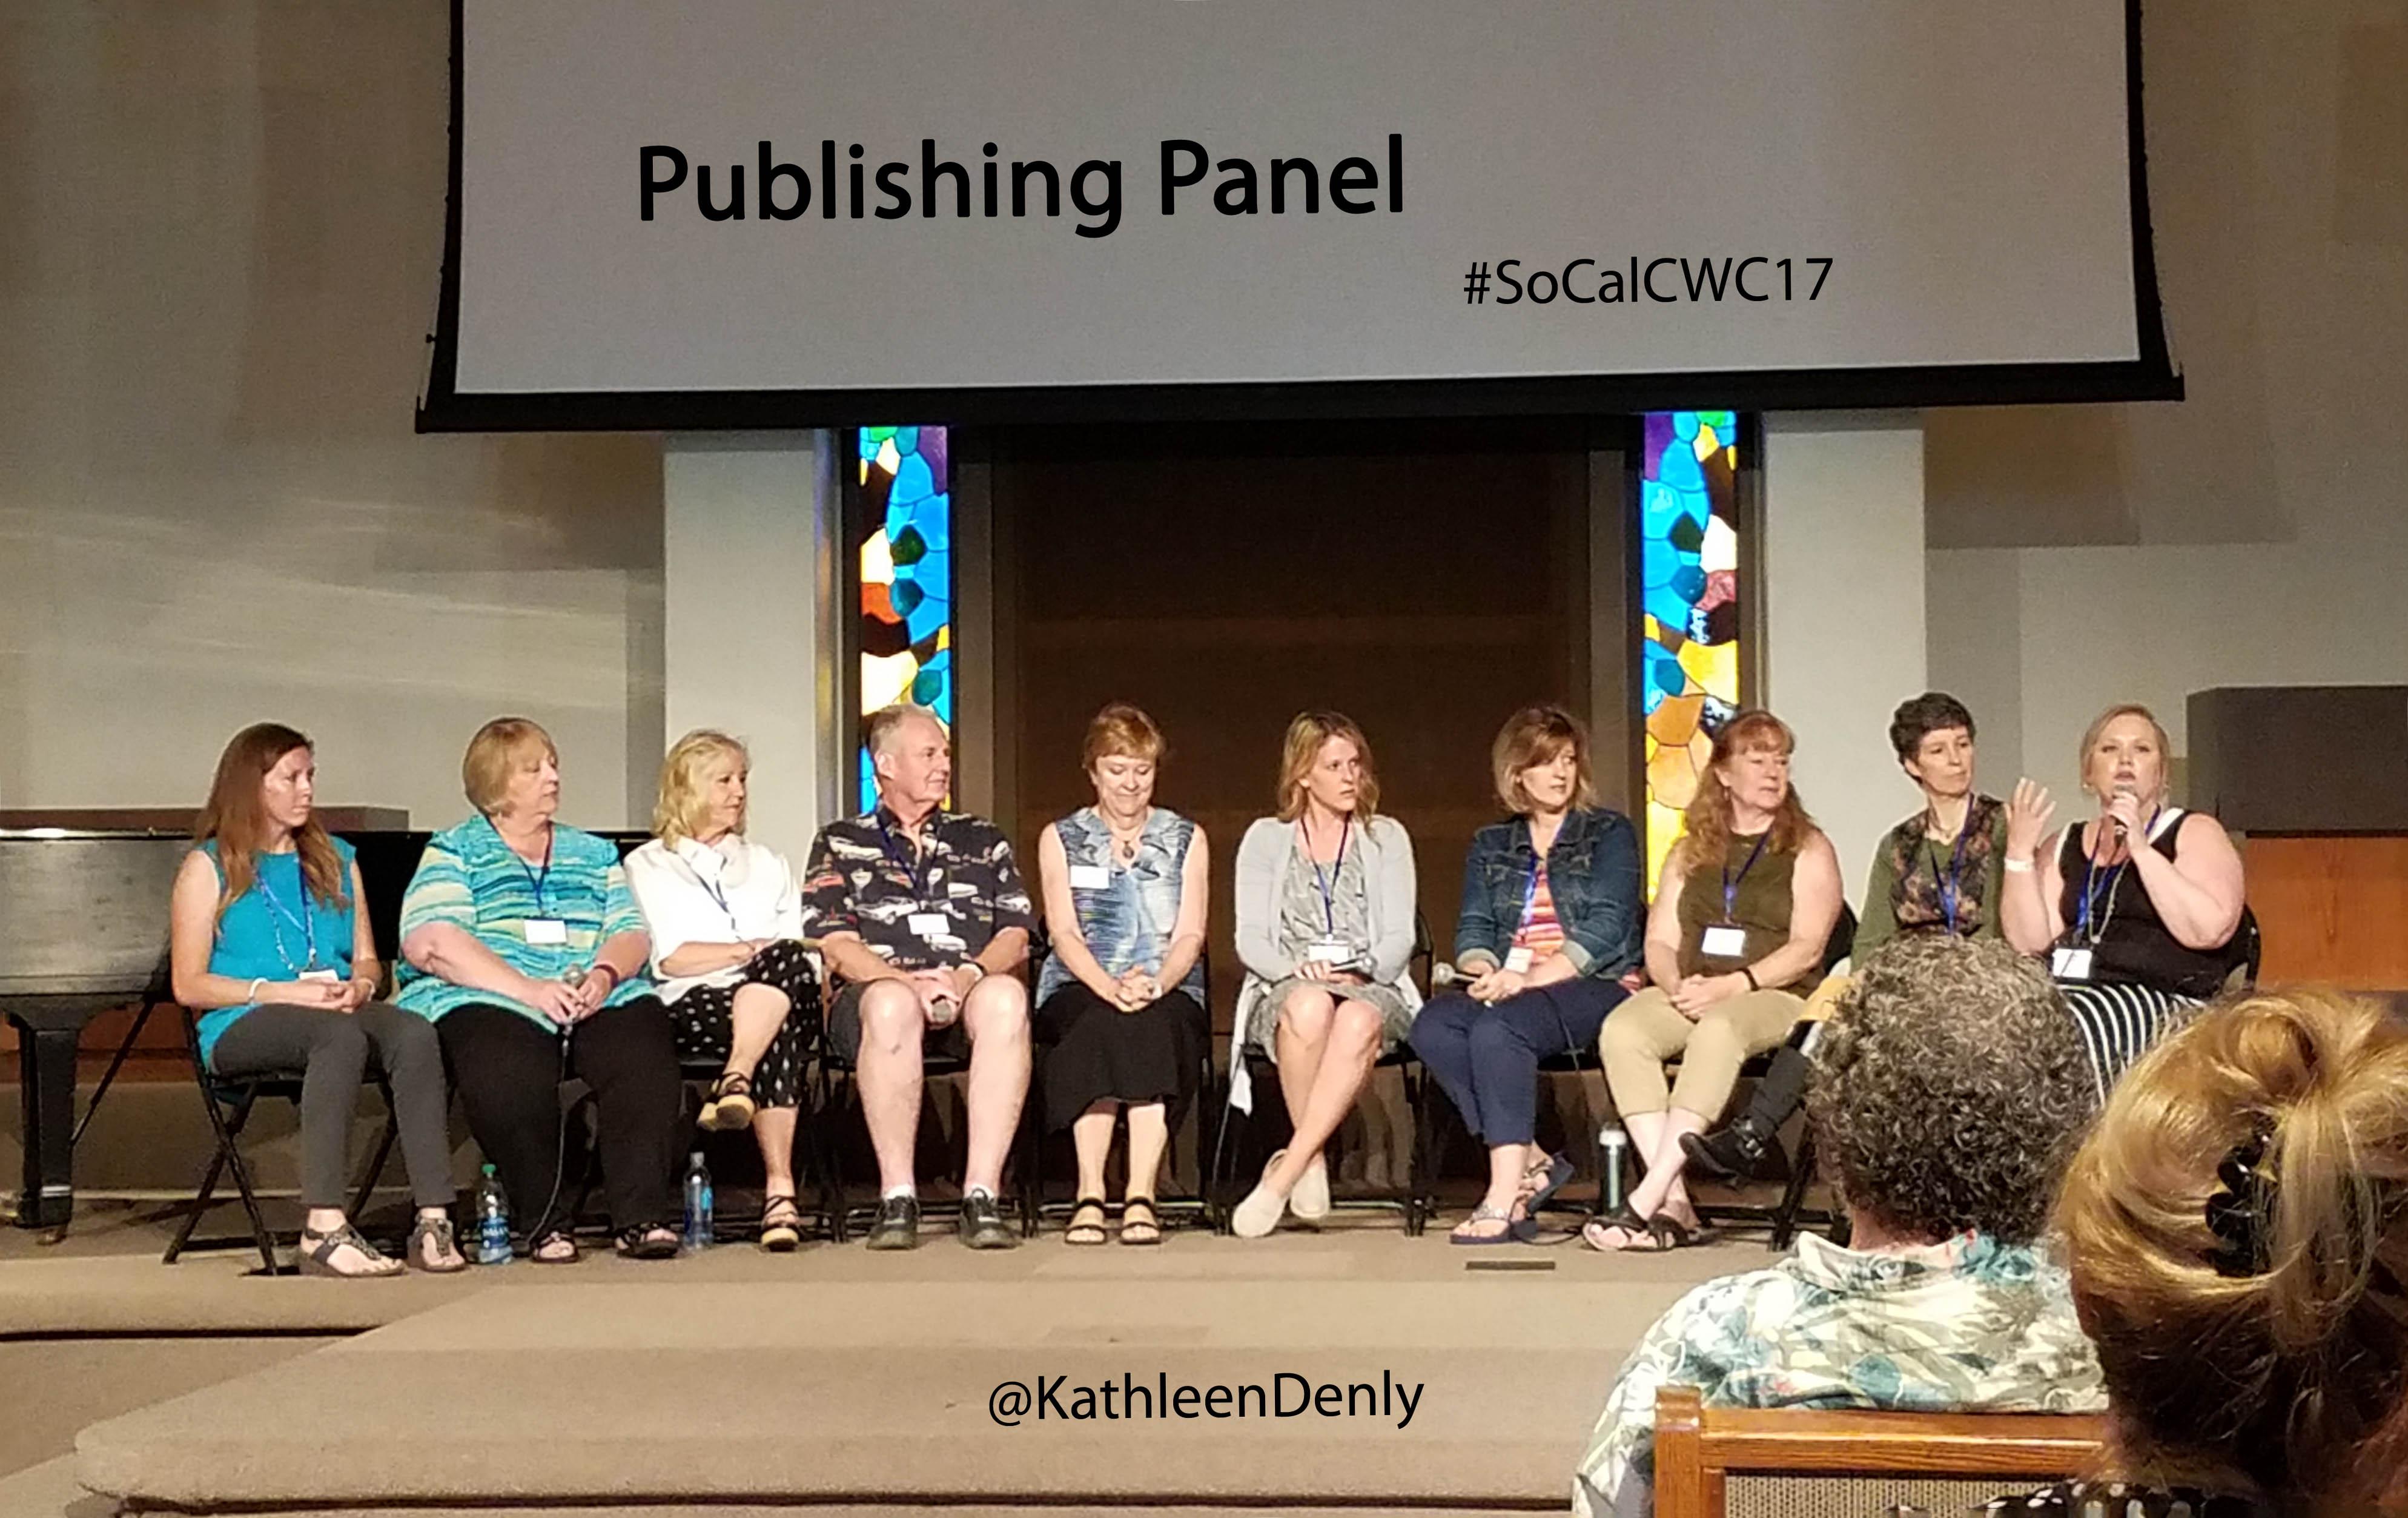 Publishing Panel SoCalCWC17